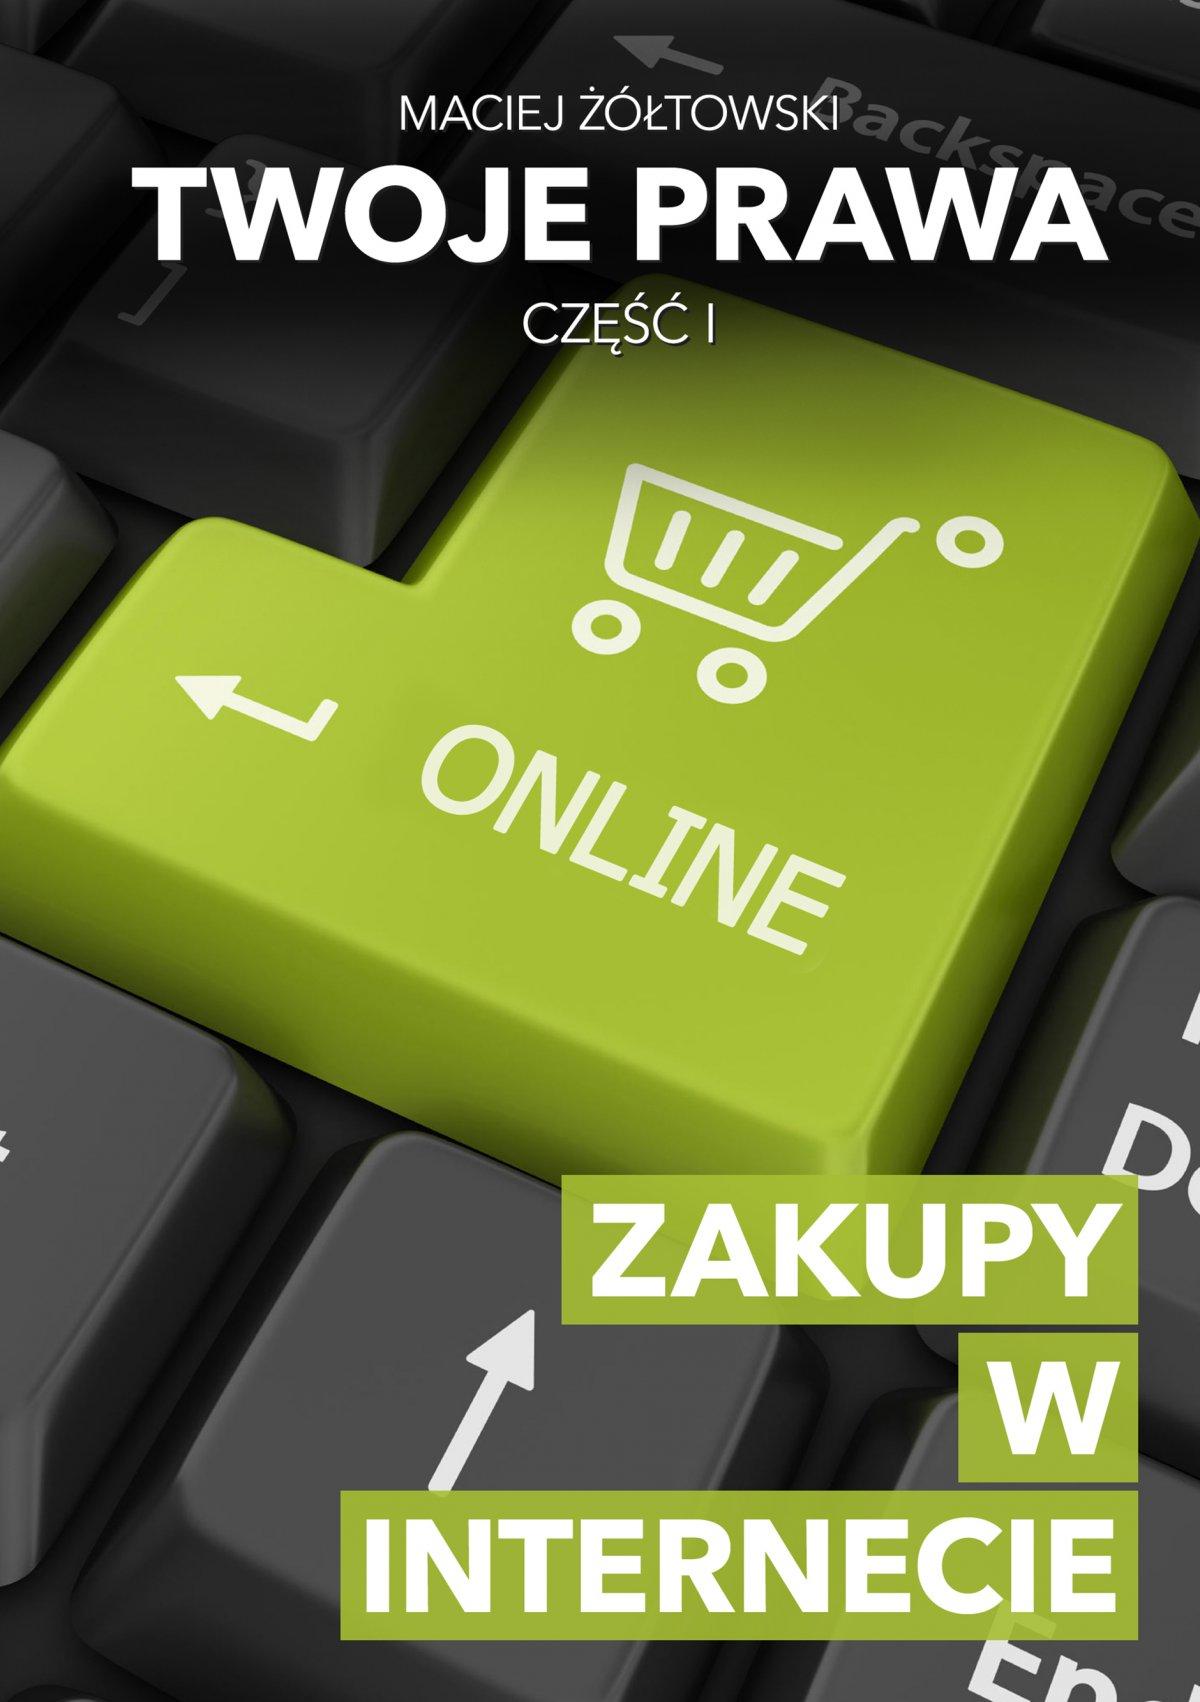 Twoje prawa. Zakupy w Internecie - Ebook (Książka EPUB) do pobrania w formacie EPUB